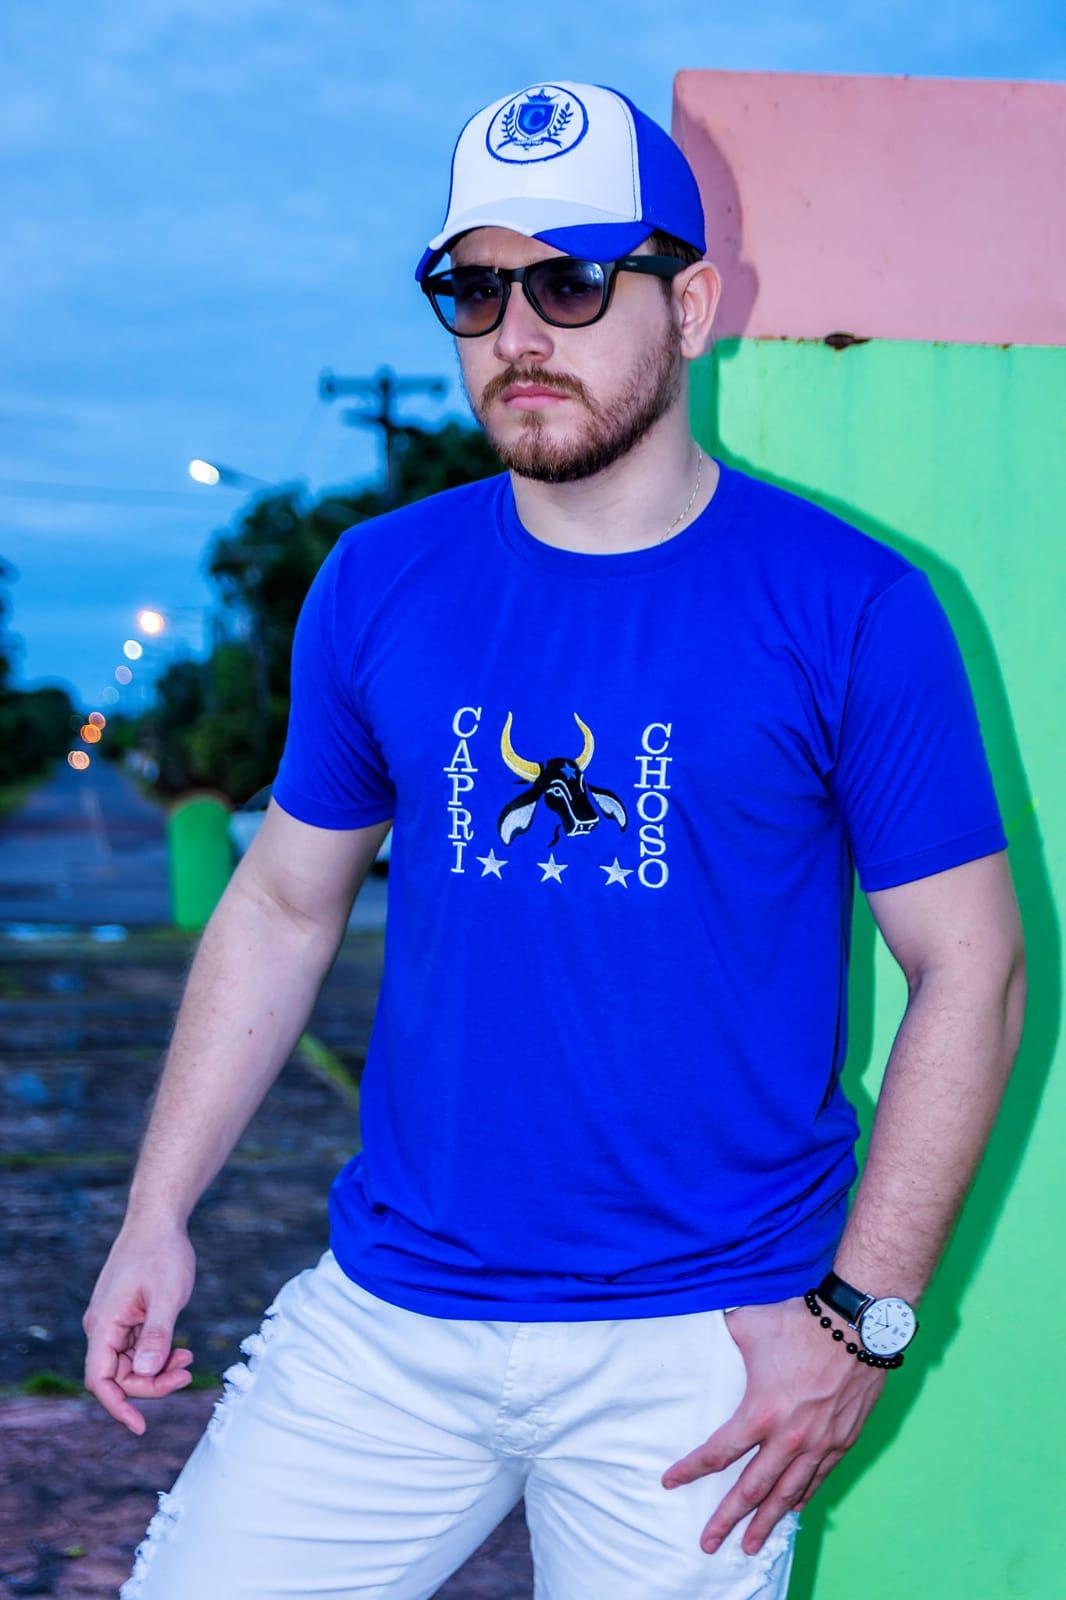 Camisa Básica Caprichoso - Q BOI Produtos do Festival de Parintins